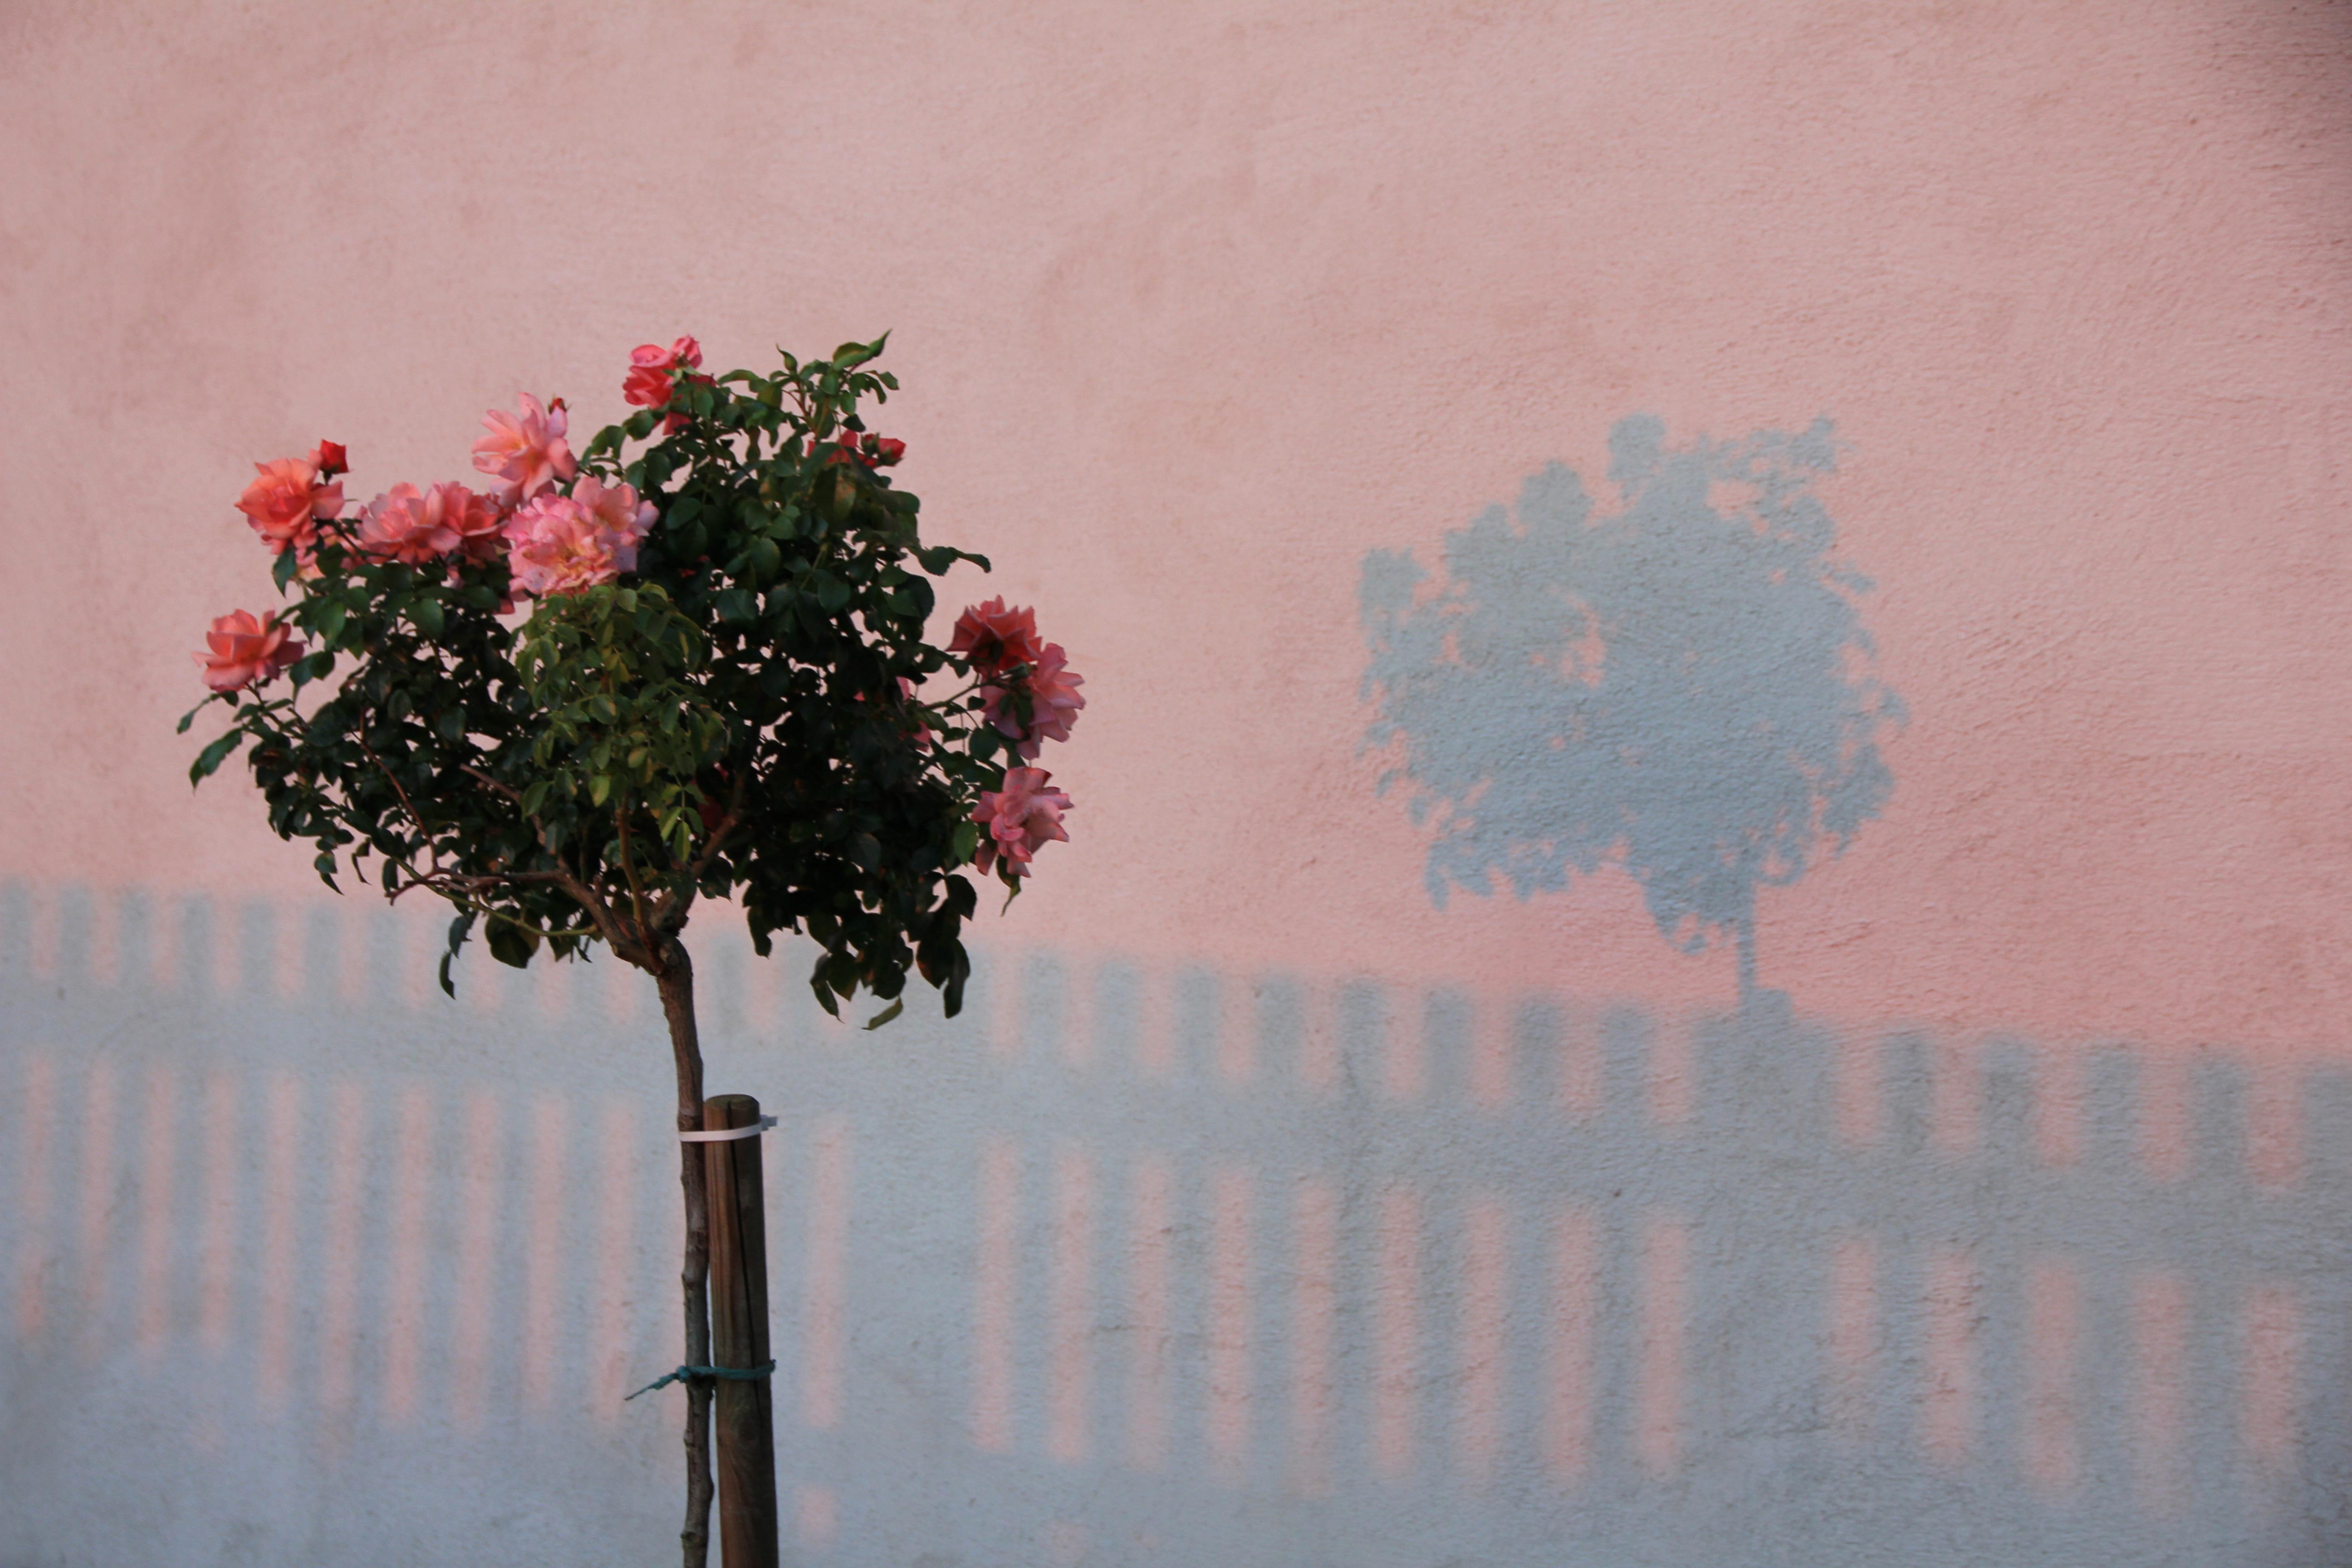 Images gratuites arbre branche fleur plante ciel matin feuille p tale mur printemps - Arbre fleurs rouges printemps ...